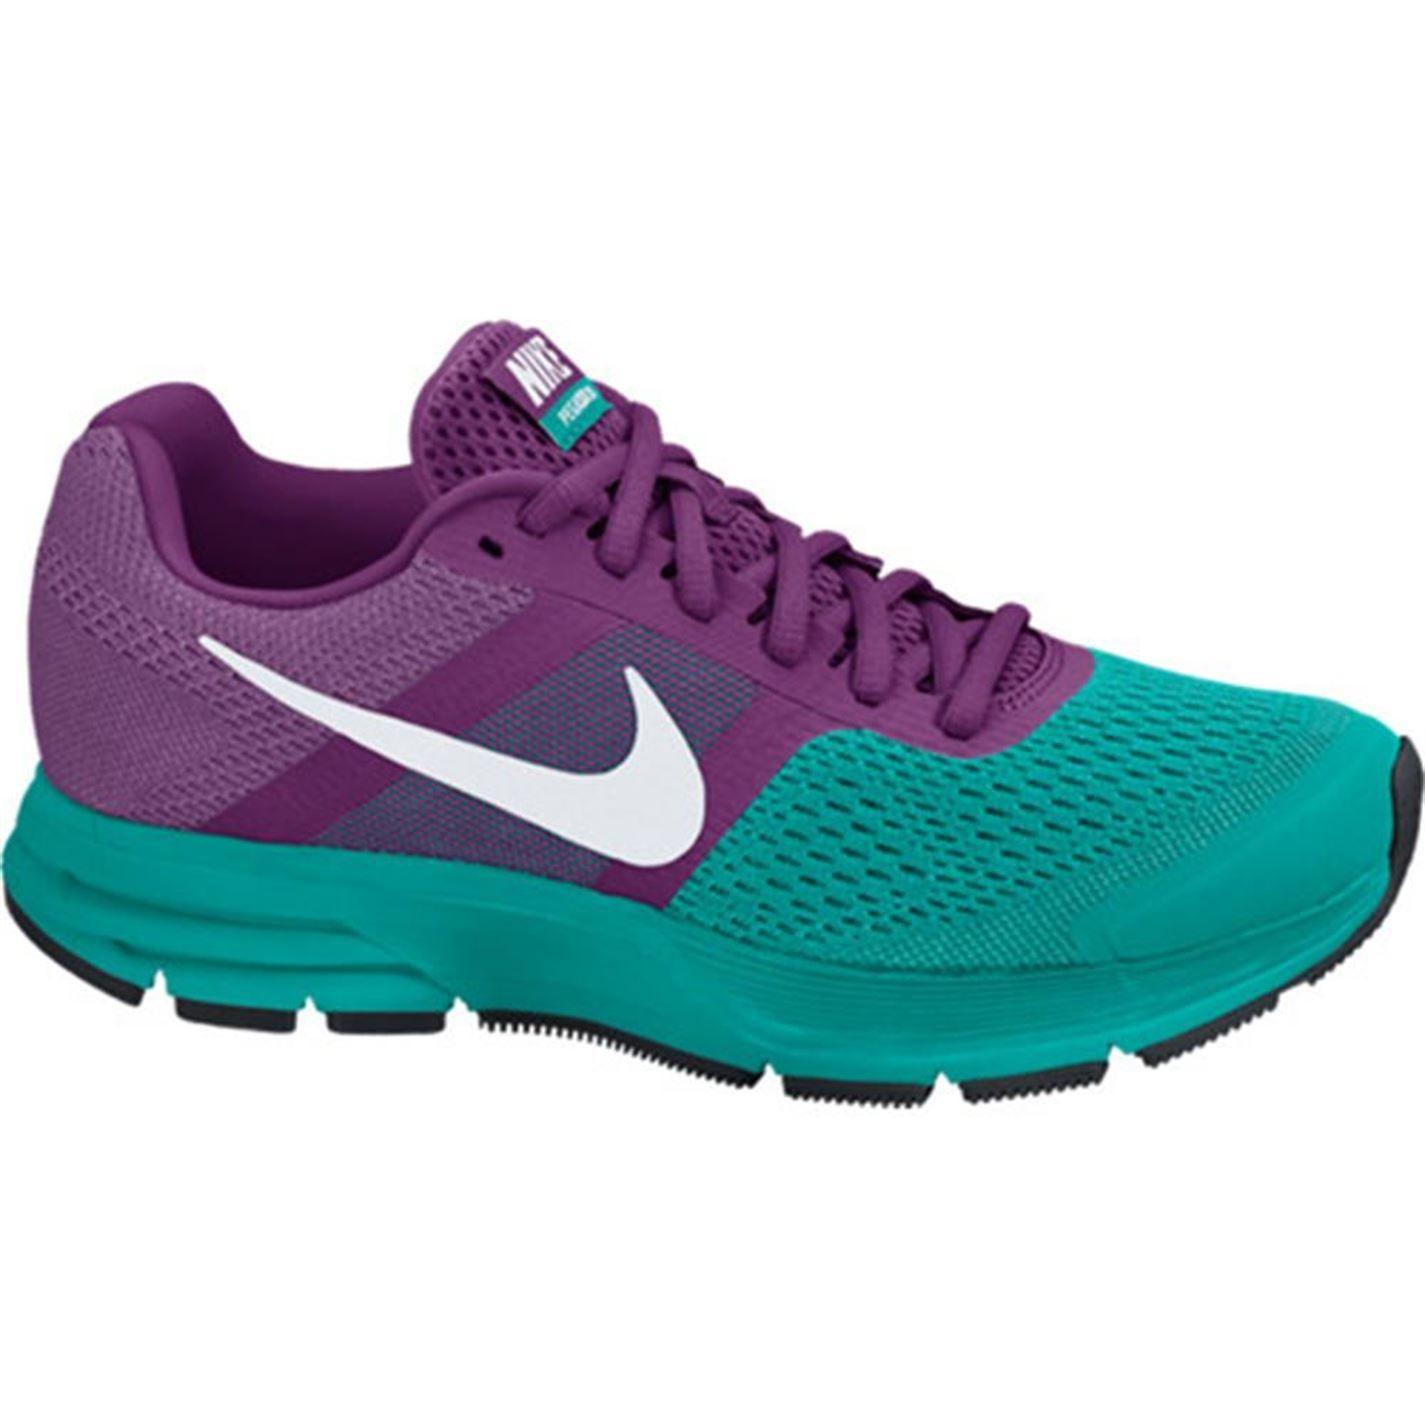 free shipping 15ce6 82538 Nike Kadin   Ziyaret Edilecek Yerler in 2019   Sneakers nike, Nike, Nike  air pegasus